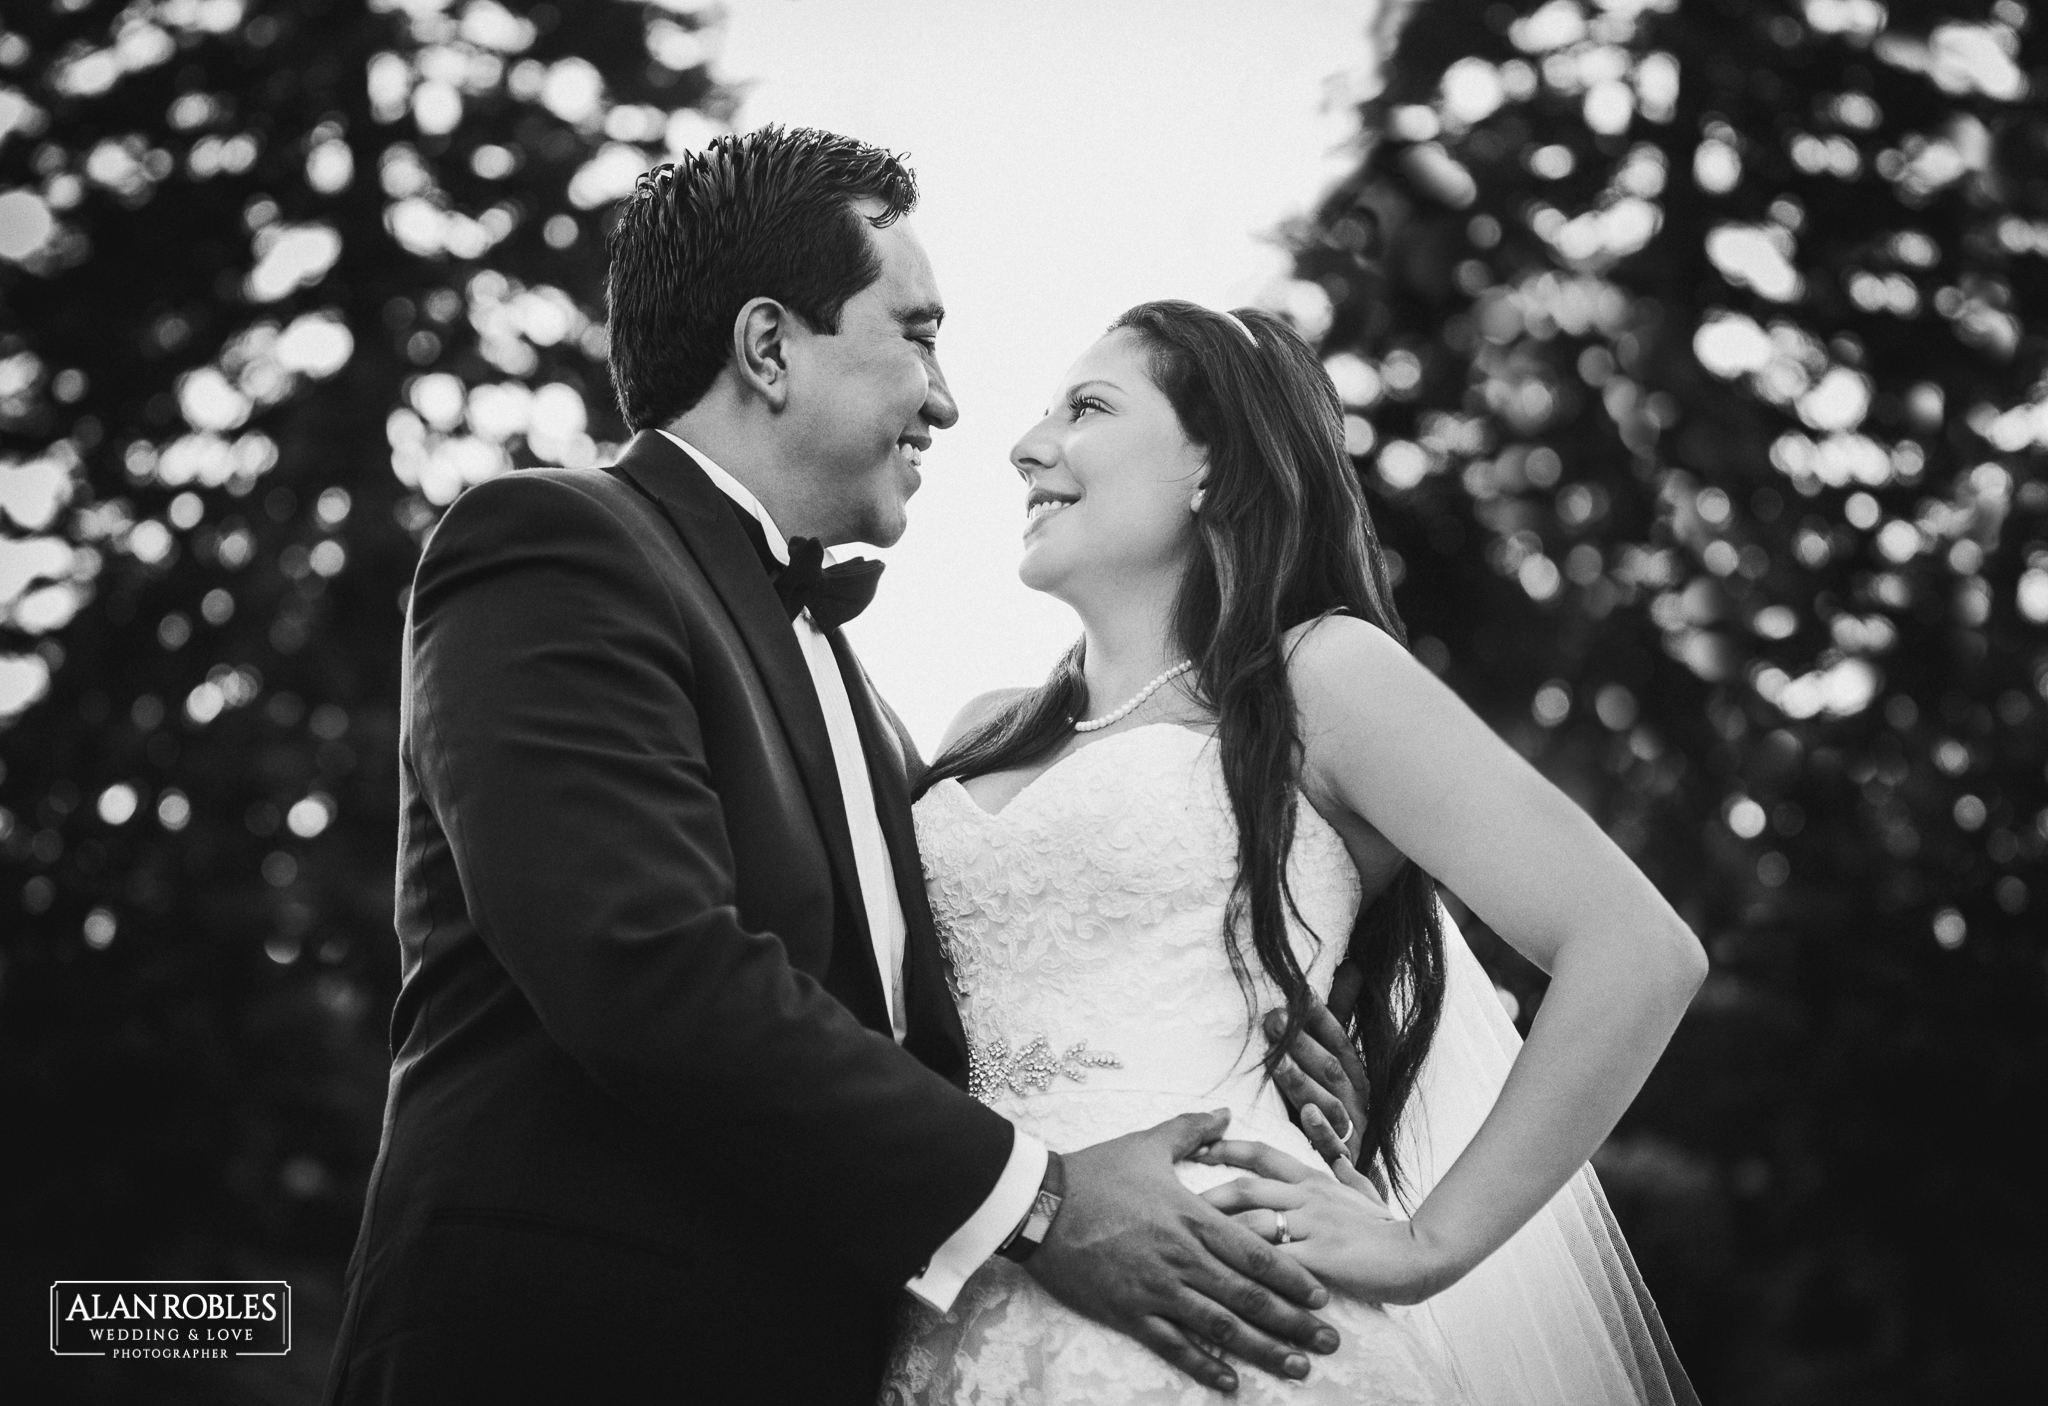 Retrato de novios el dia de su boda. Fotografo Alan Robles en Guadalajara. Wedding session.